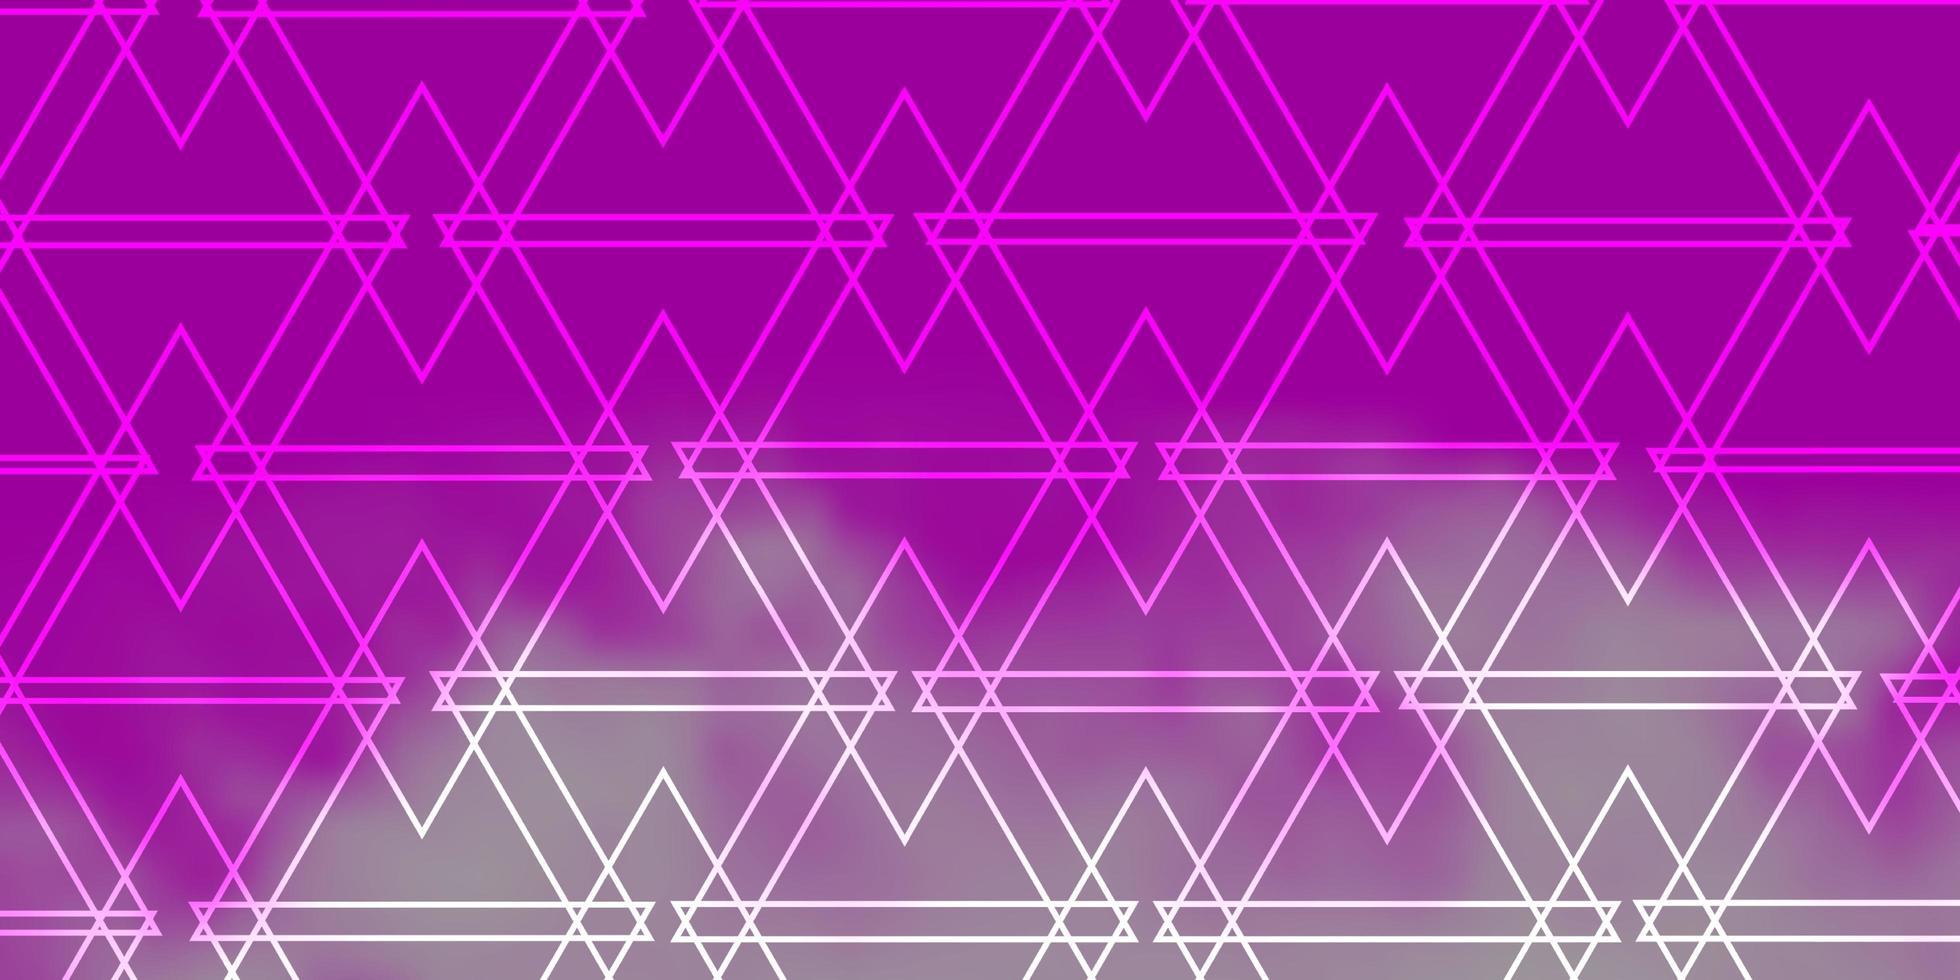 roze patroon met veelhoekige stijl. vector